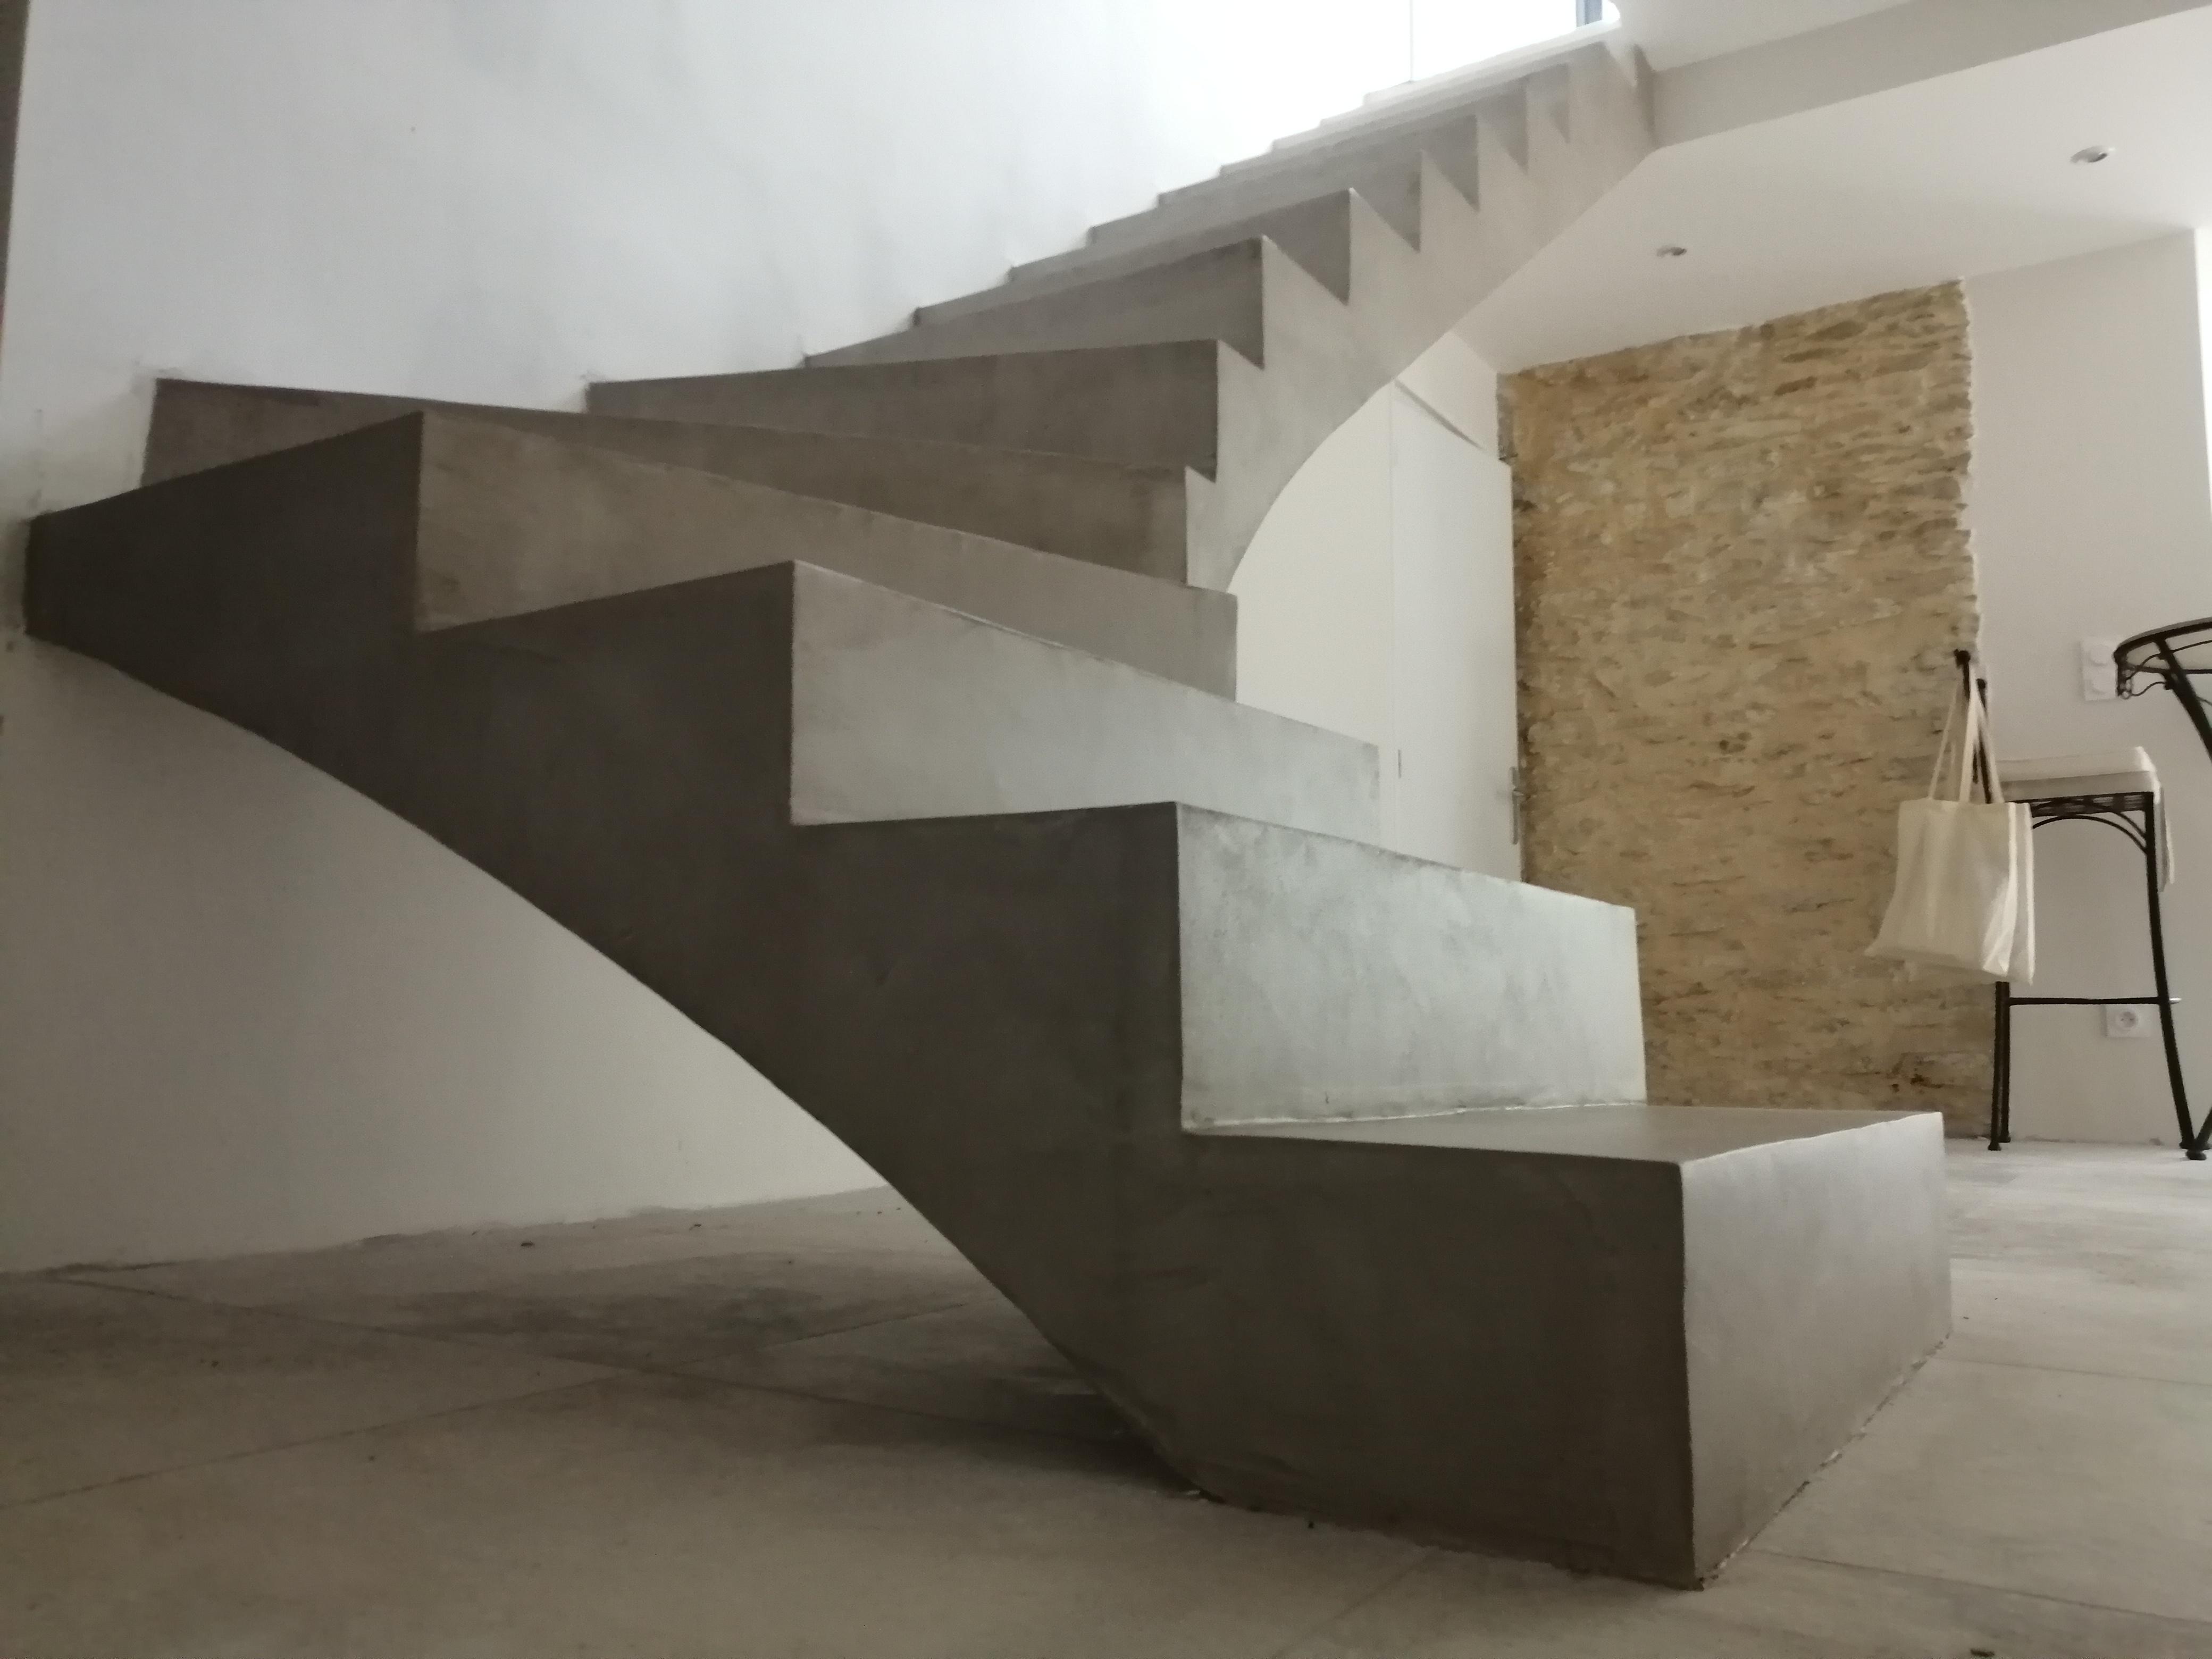 escalier à paillasse un quart balancé en béton ciré vernis mat couleur galet original à nimes pour un particulier